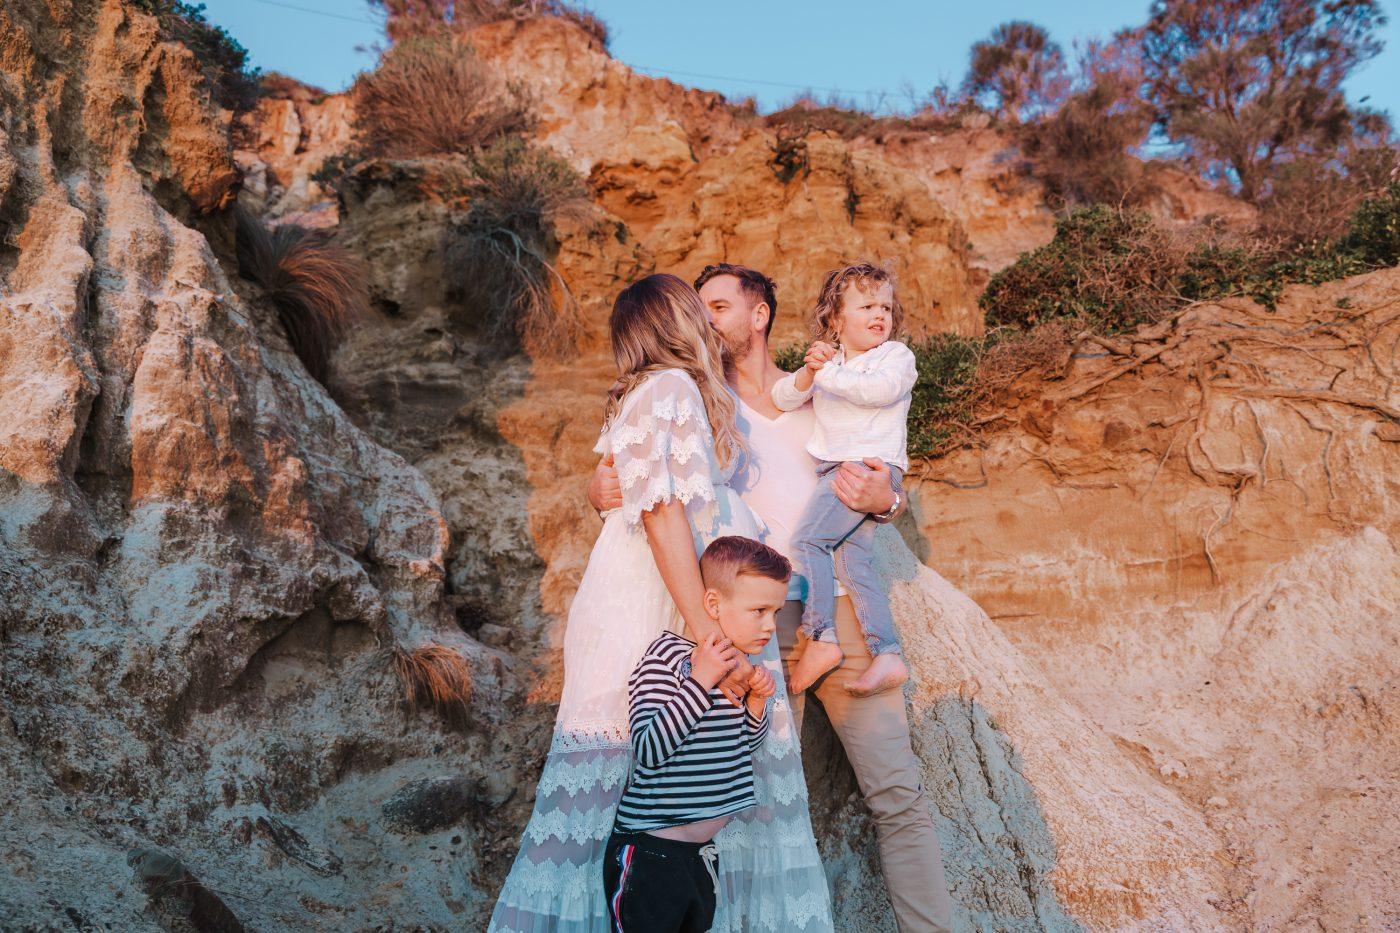 Photoshoot-Families-MacFamilyMaternity